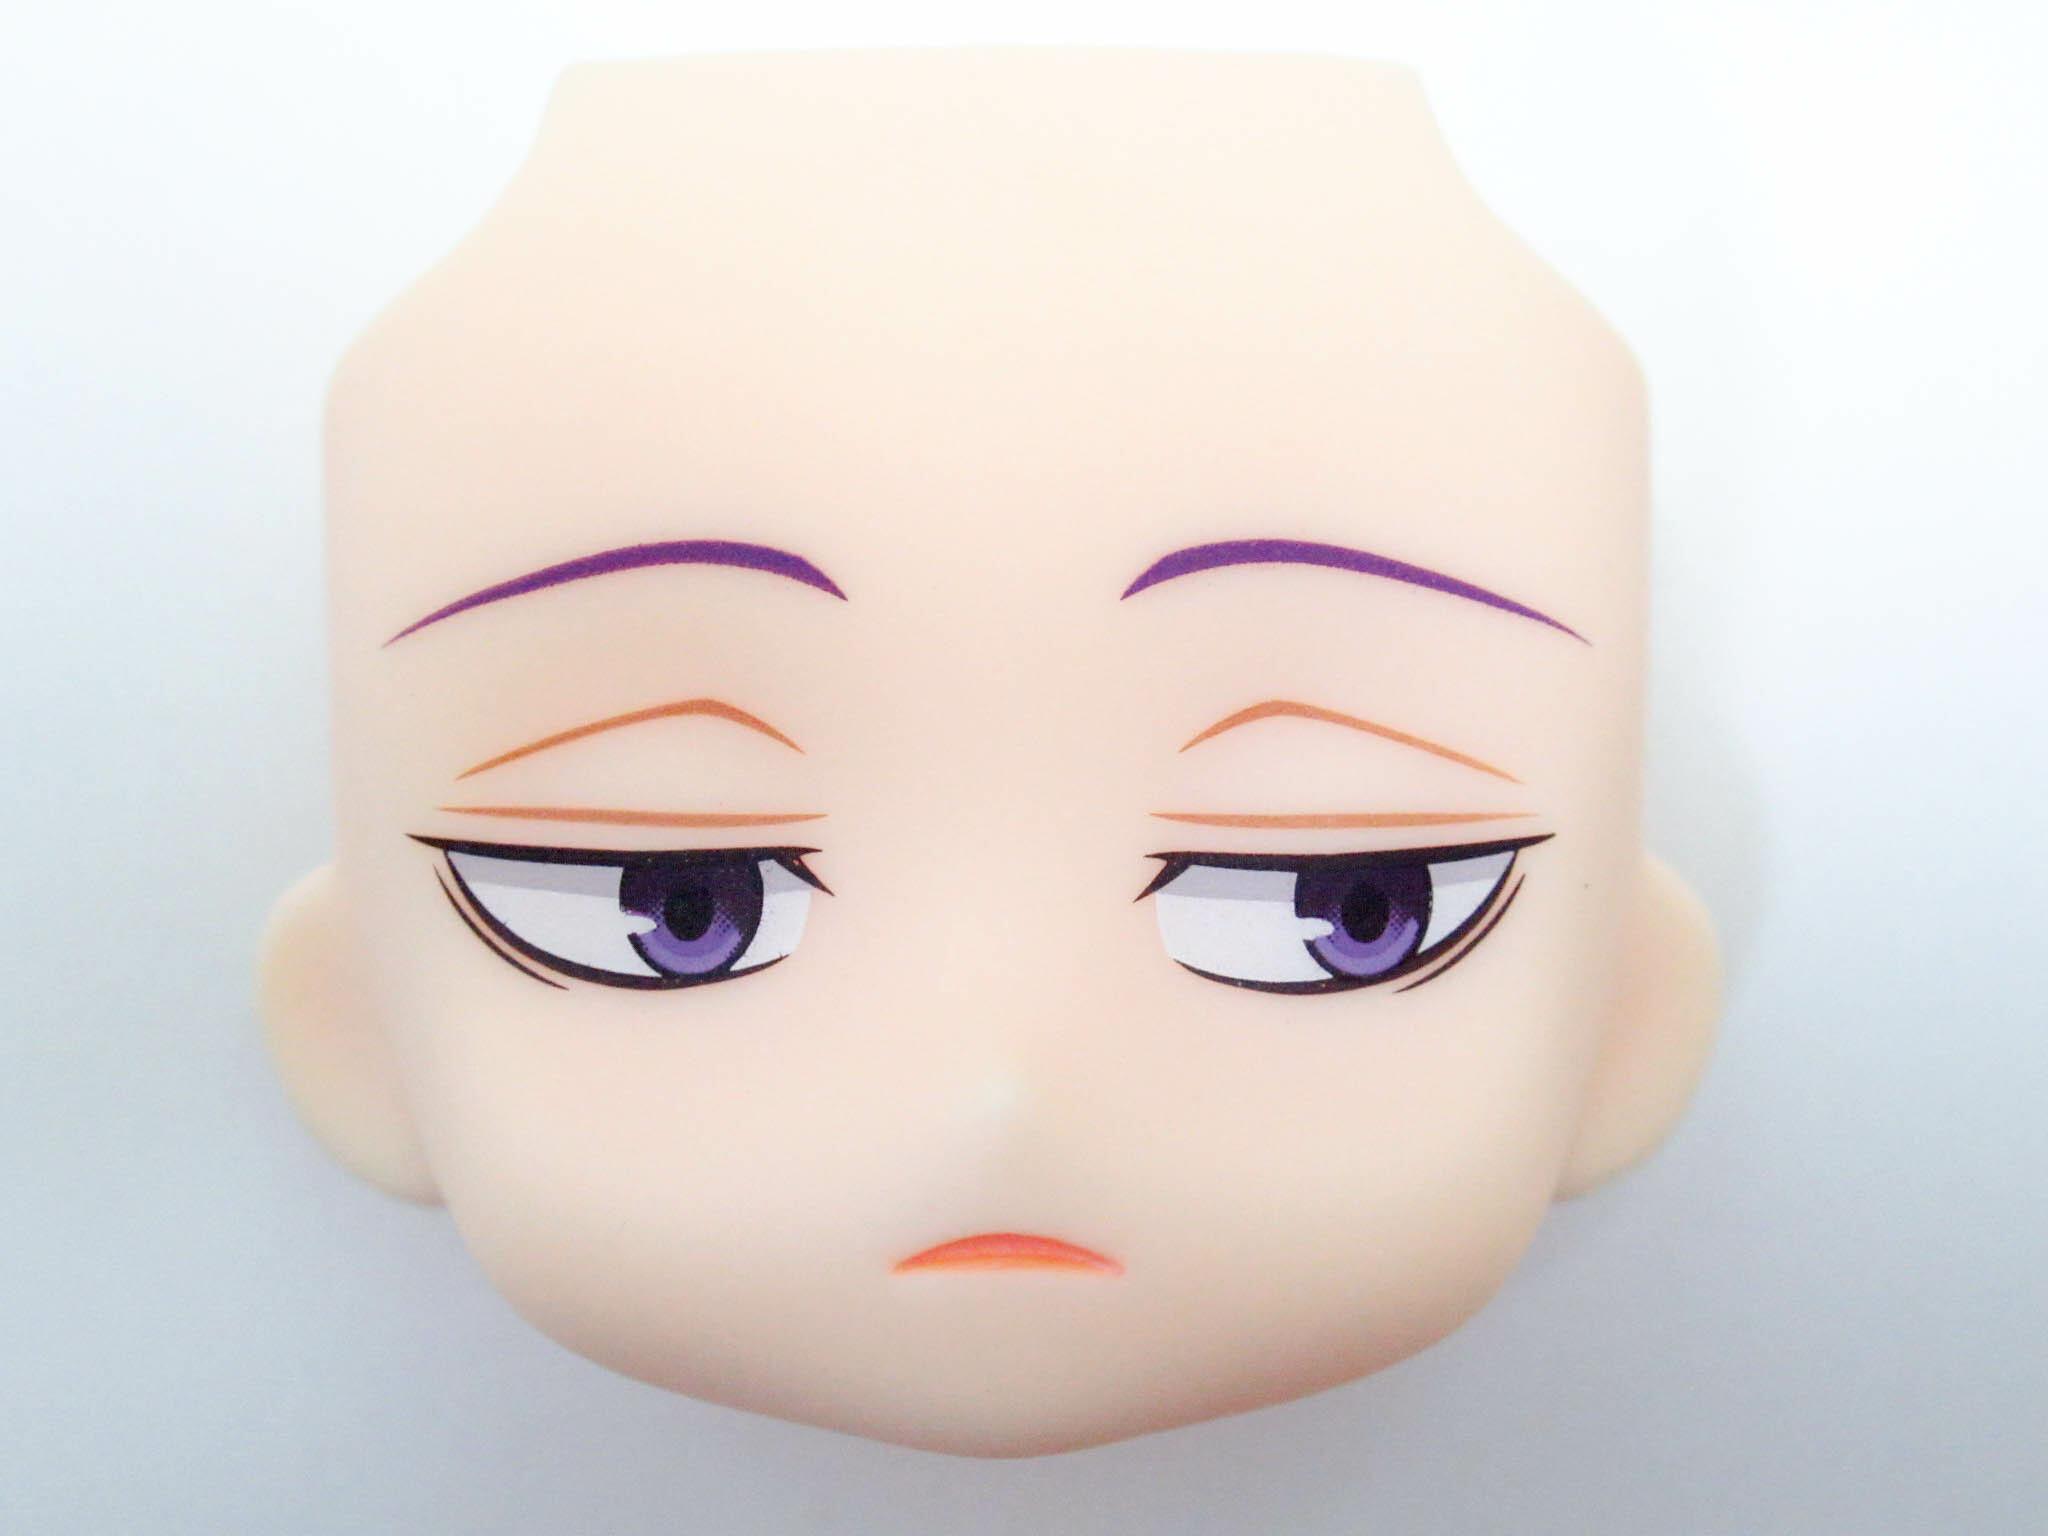 再入荷【1094】 紫原敦 顔パーツ 普通 ねんどろいど